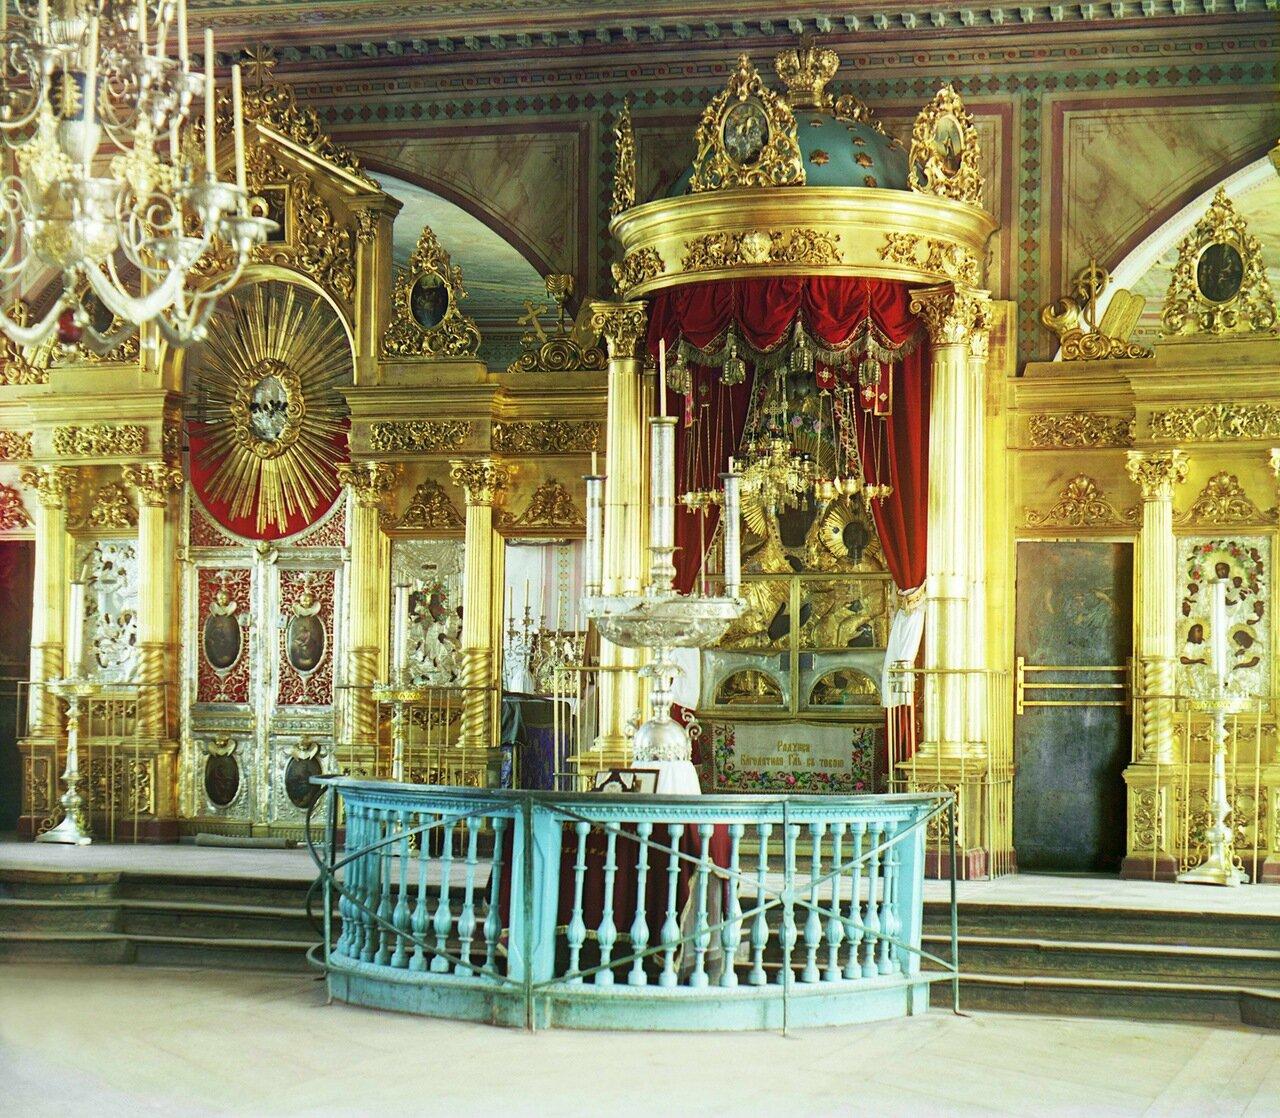 Чудотворная икона Божьей матери Одигитрии в Богоматеринском храме